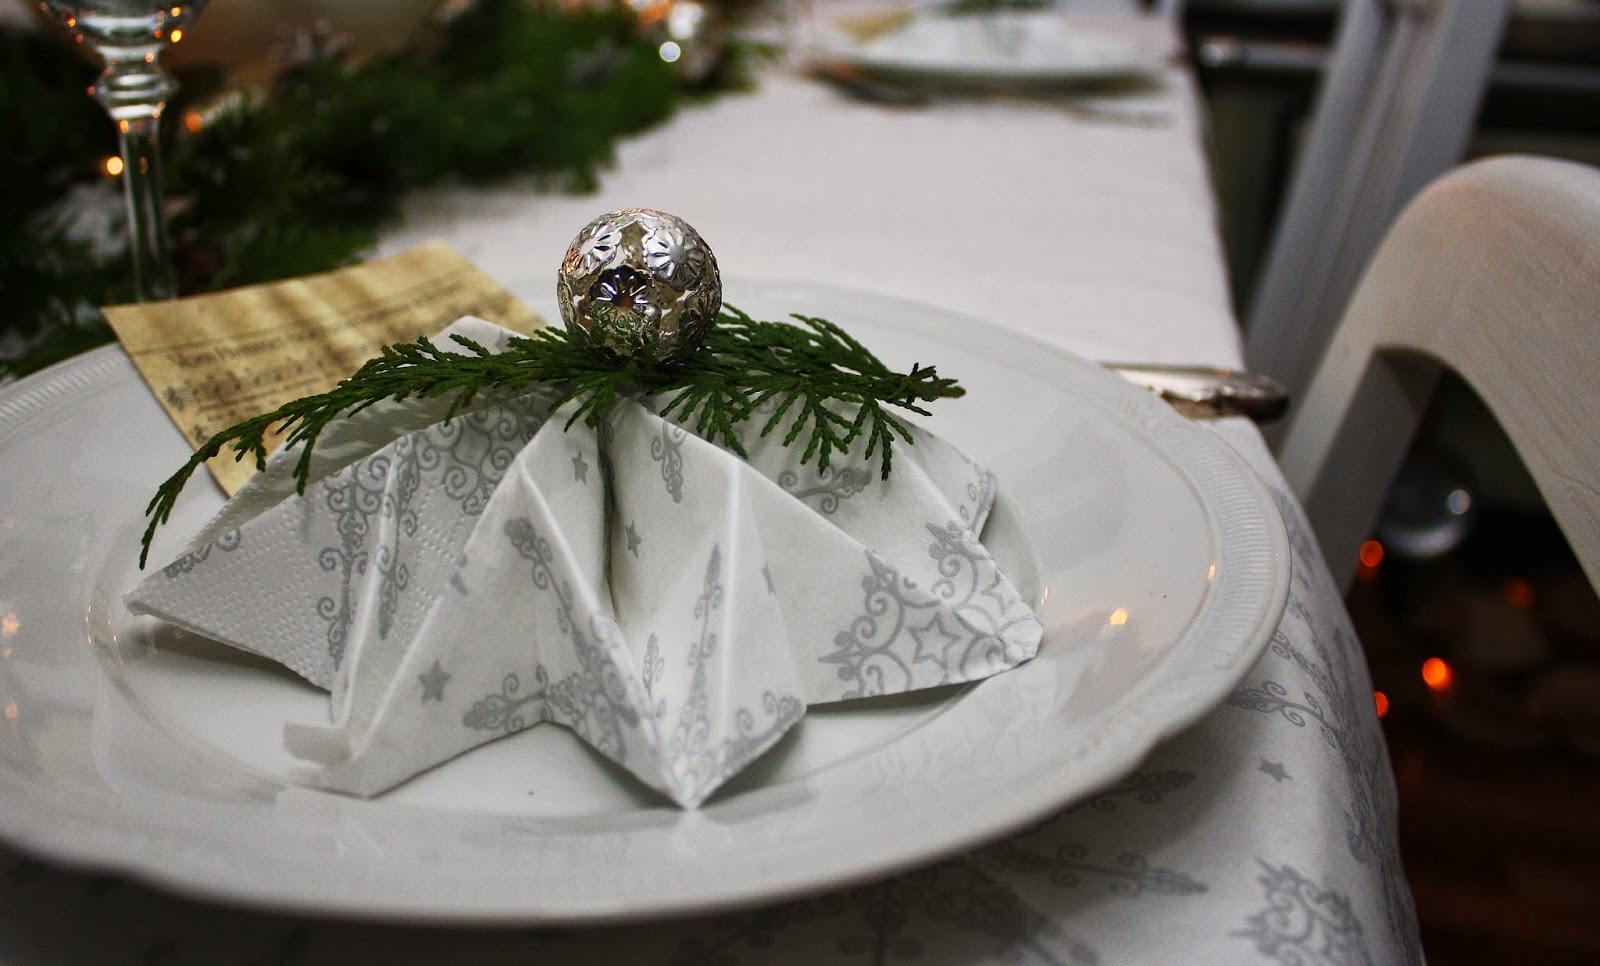 feuersonnenblume frohe weihnachten und dank an euch. Black Bedroom Furniture Sets. Home Design Ideas